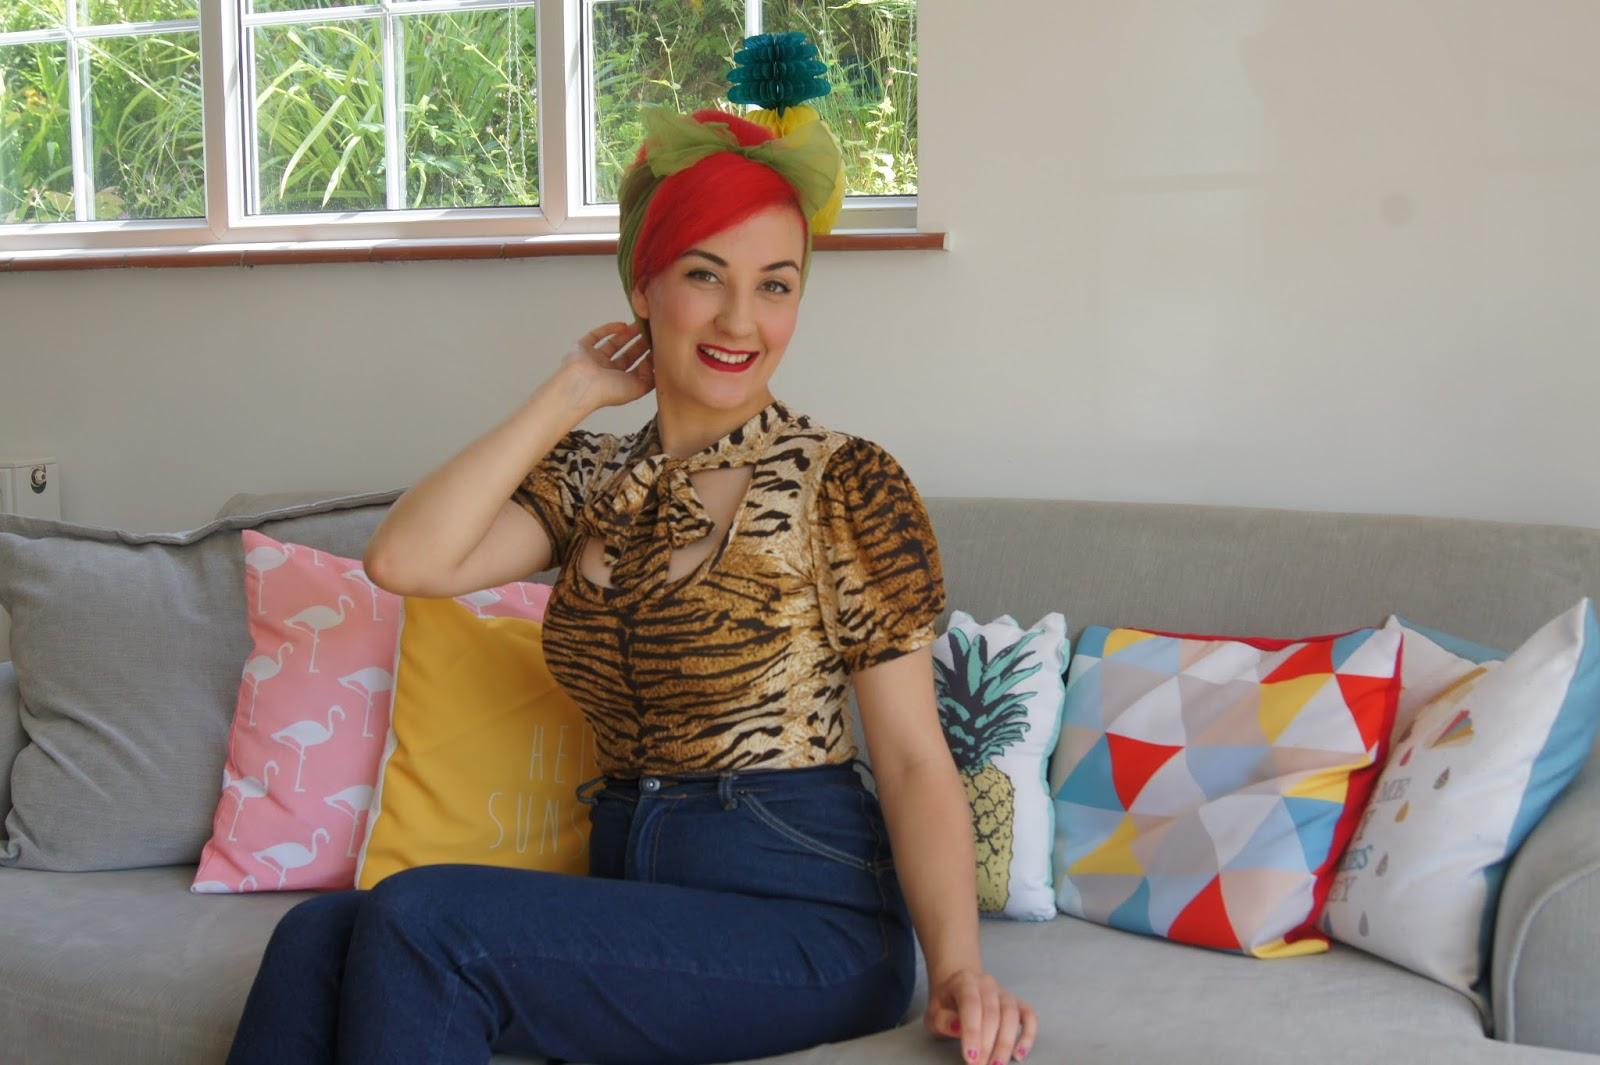 Atomic Amber Retro Reviews Bonsai Kitten Clothing